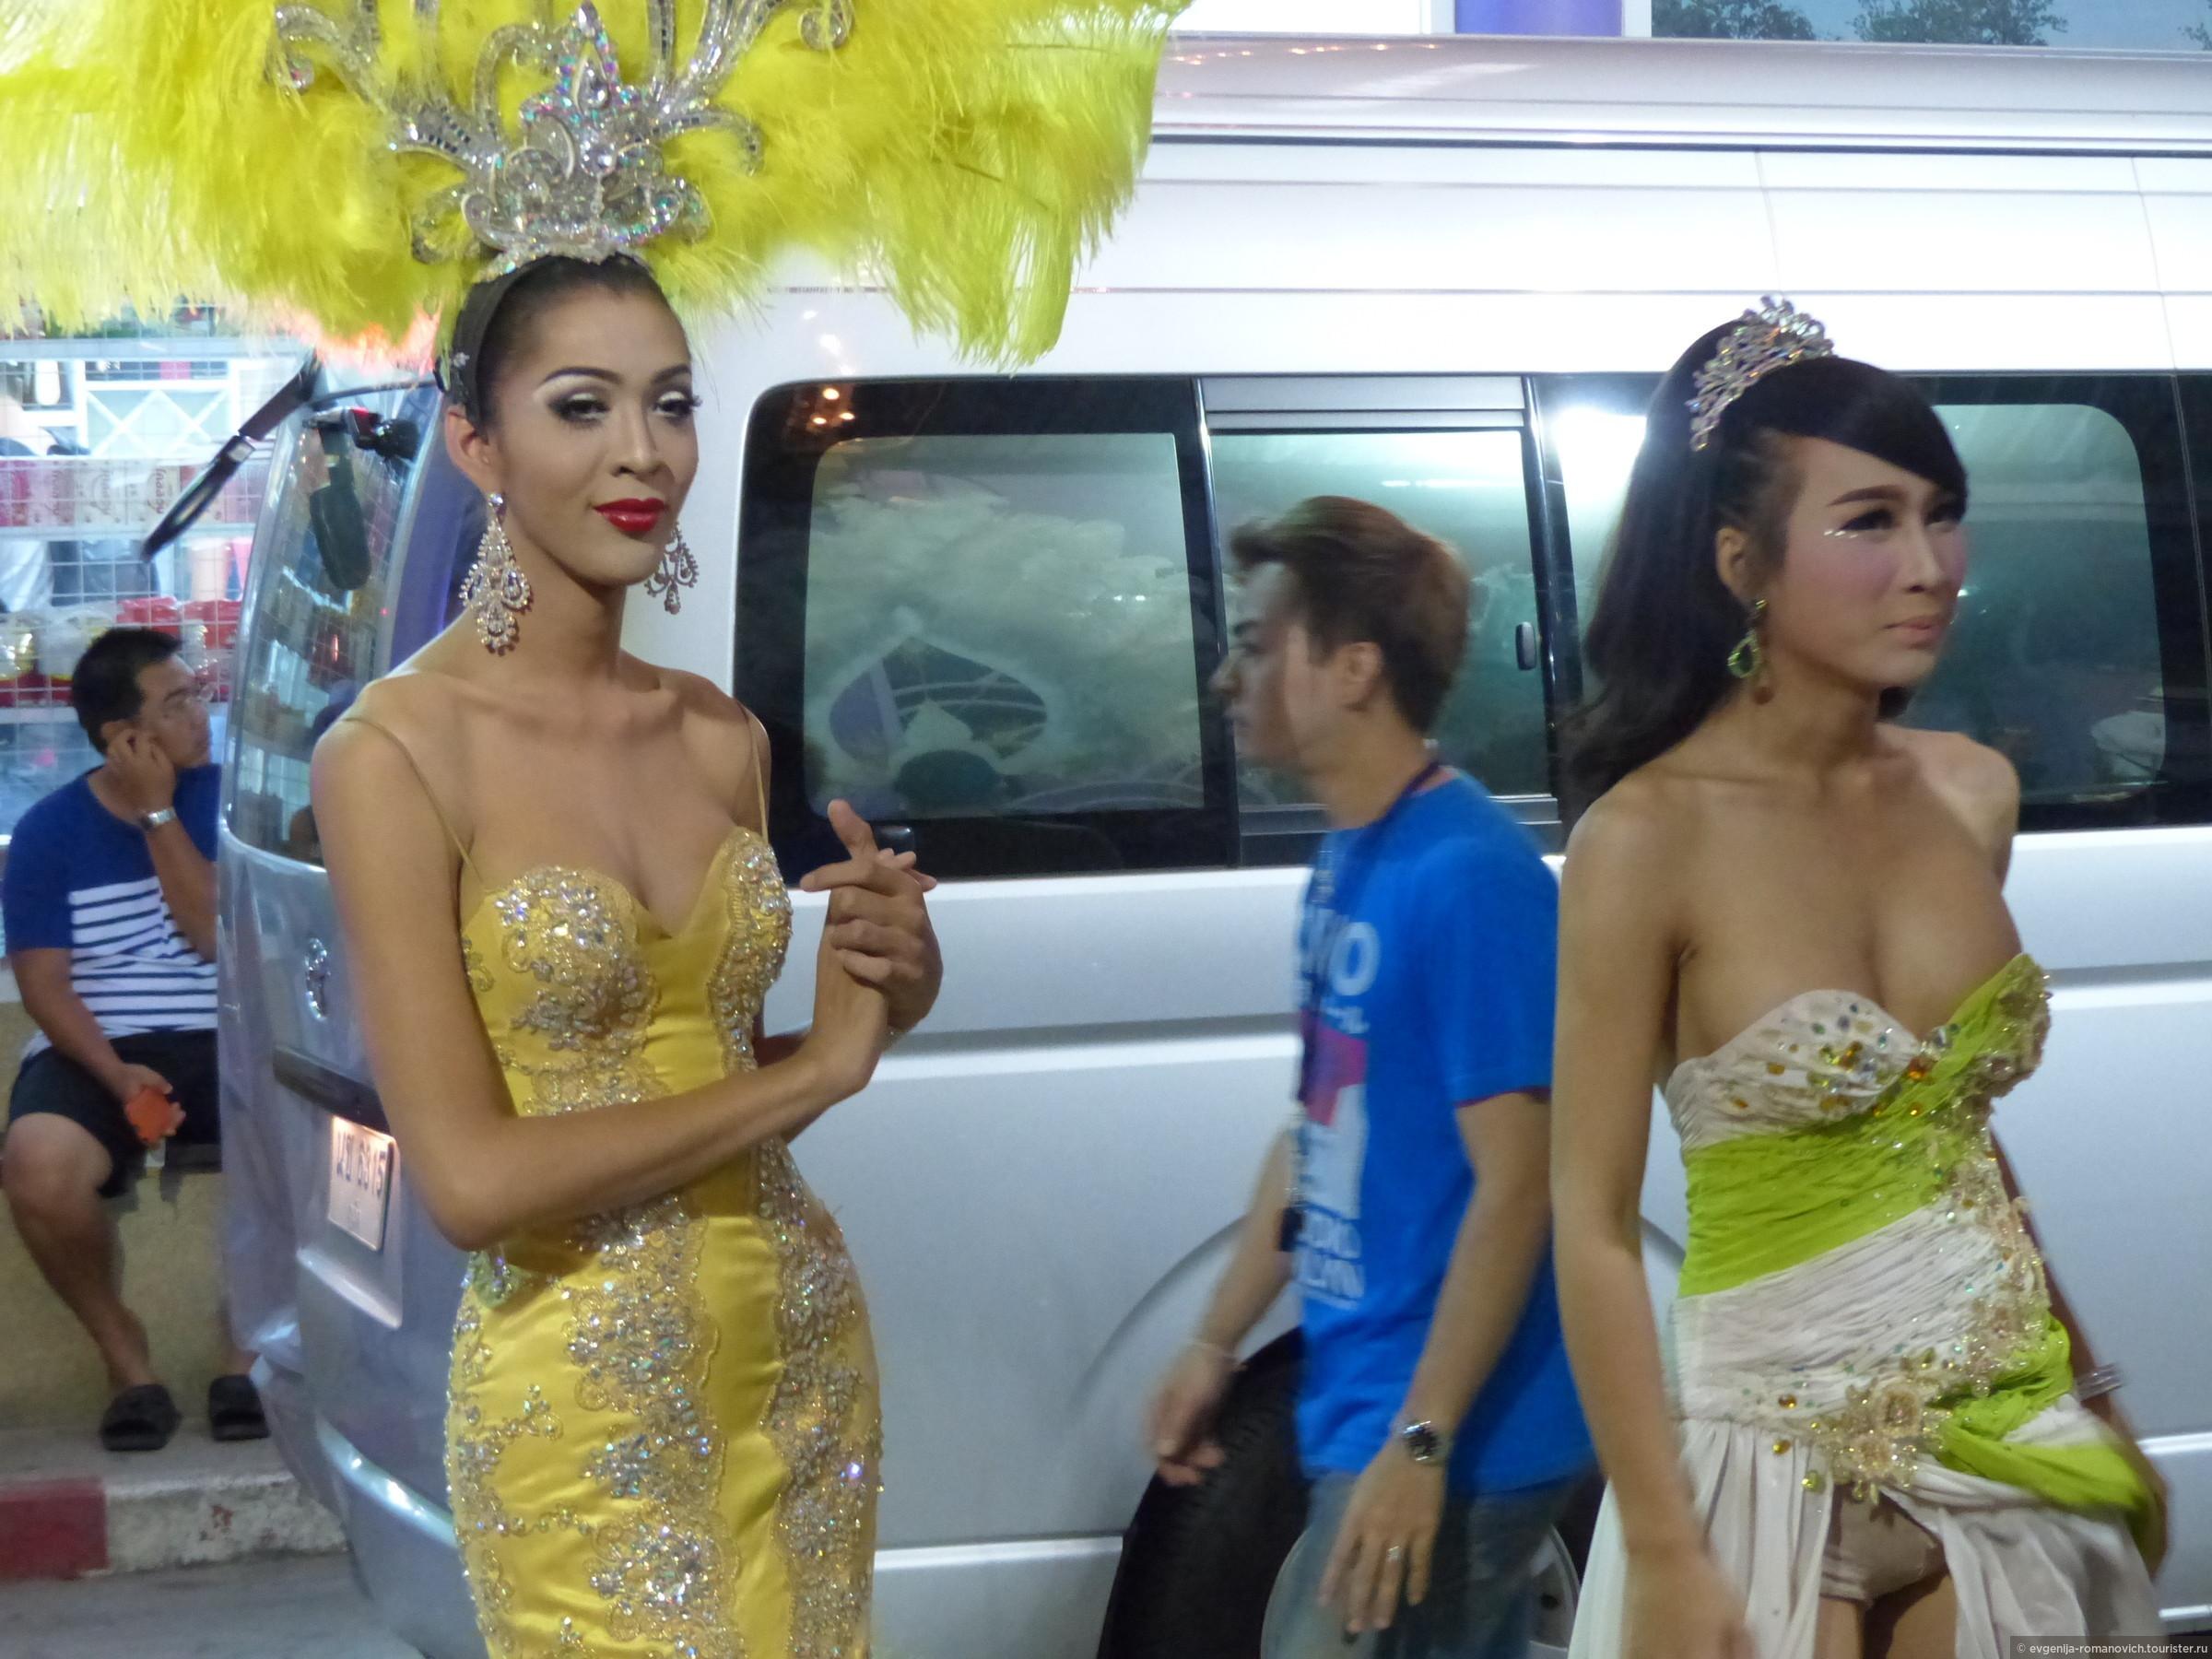 улица проституток пхукет